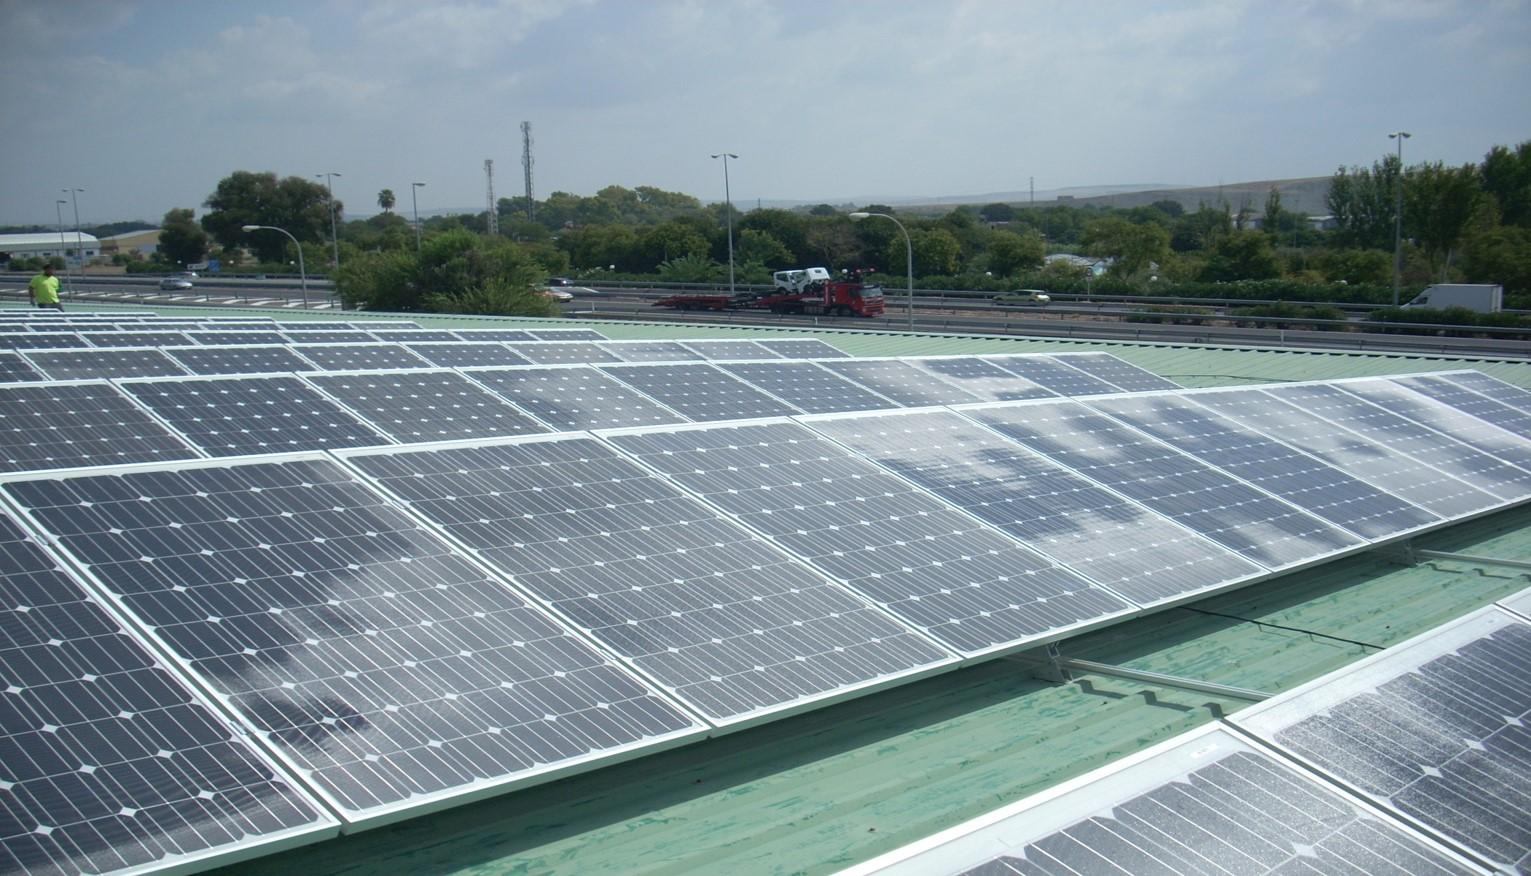 Instalación Fotovoltaica de 128,80 kWp para Mercacordoba (Córdoba)